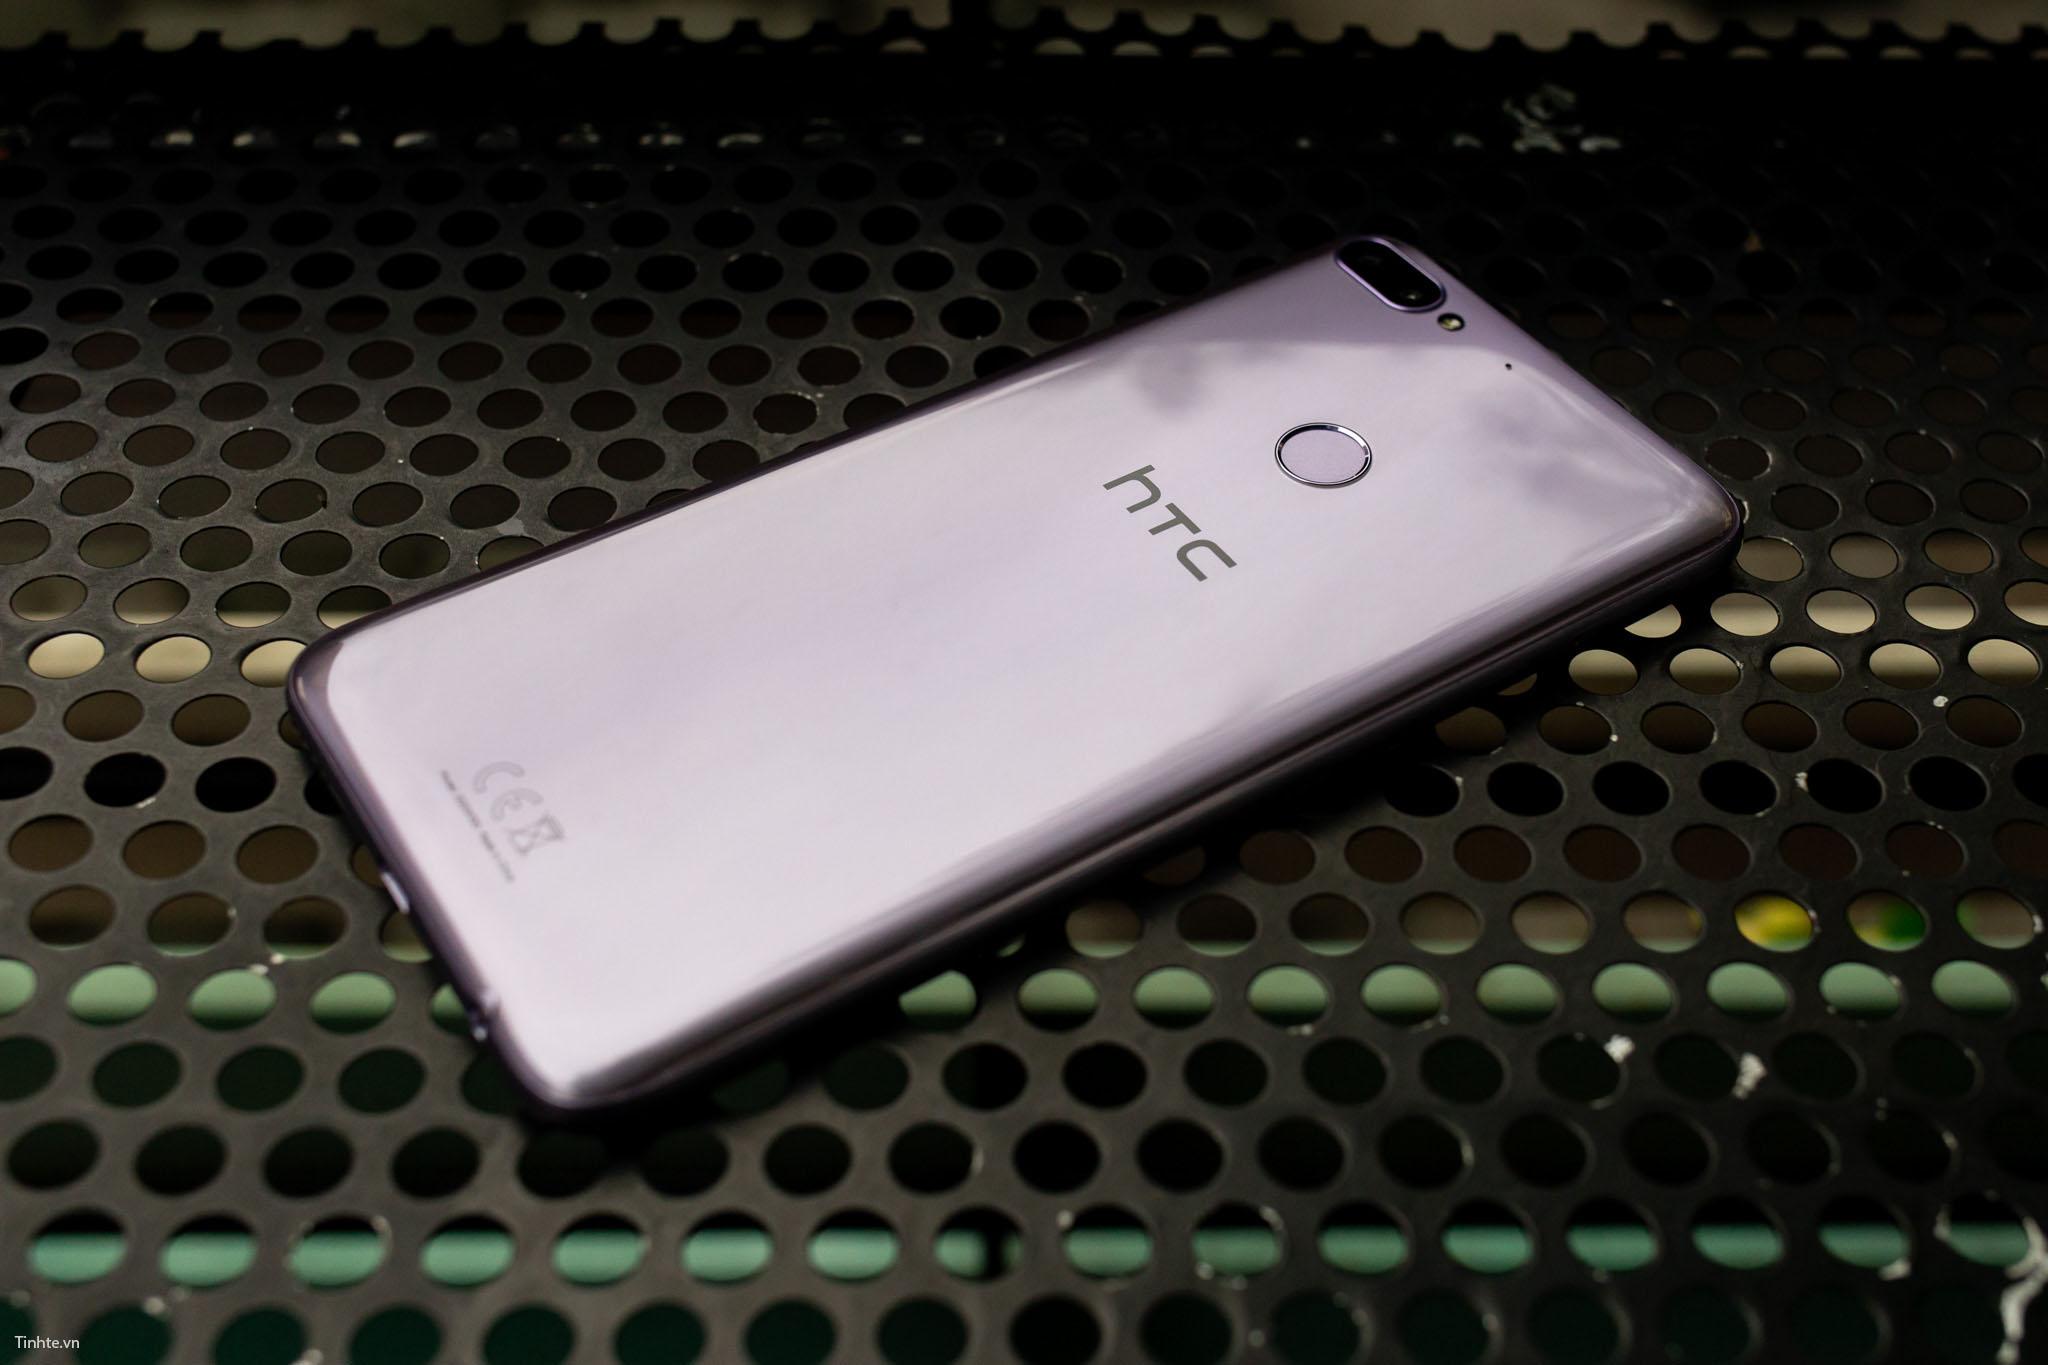 Tinhte.vn_HTC_Desire_12+-5.jpg